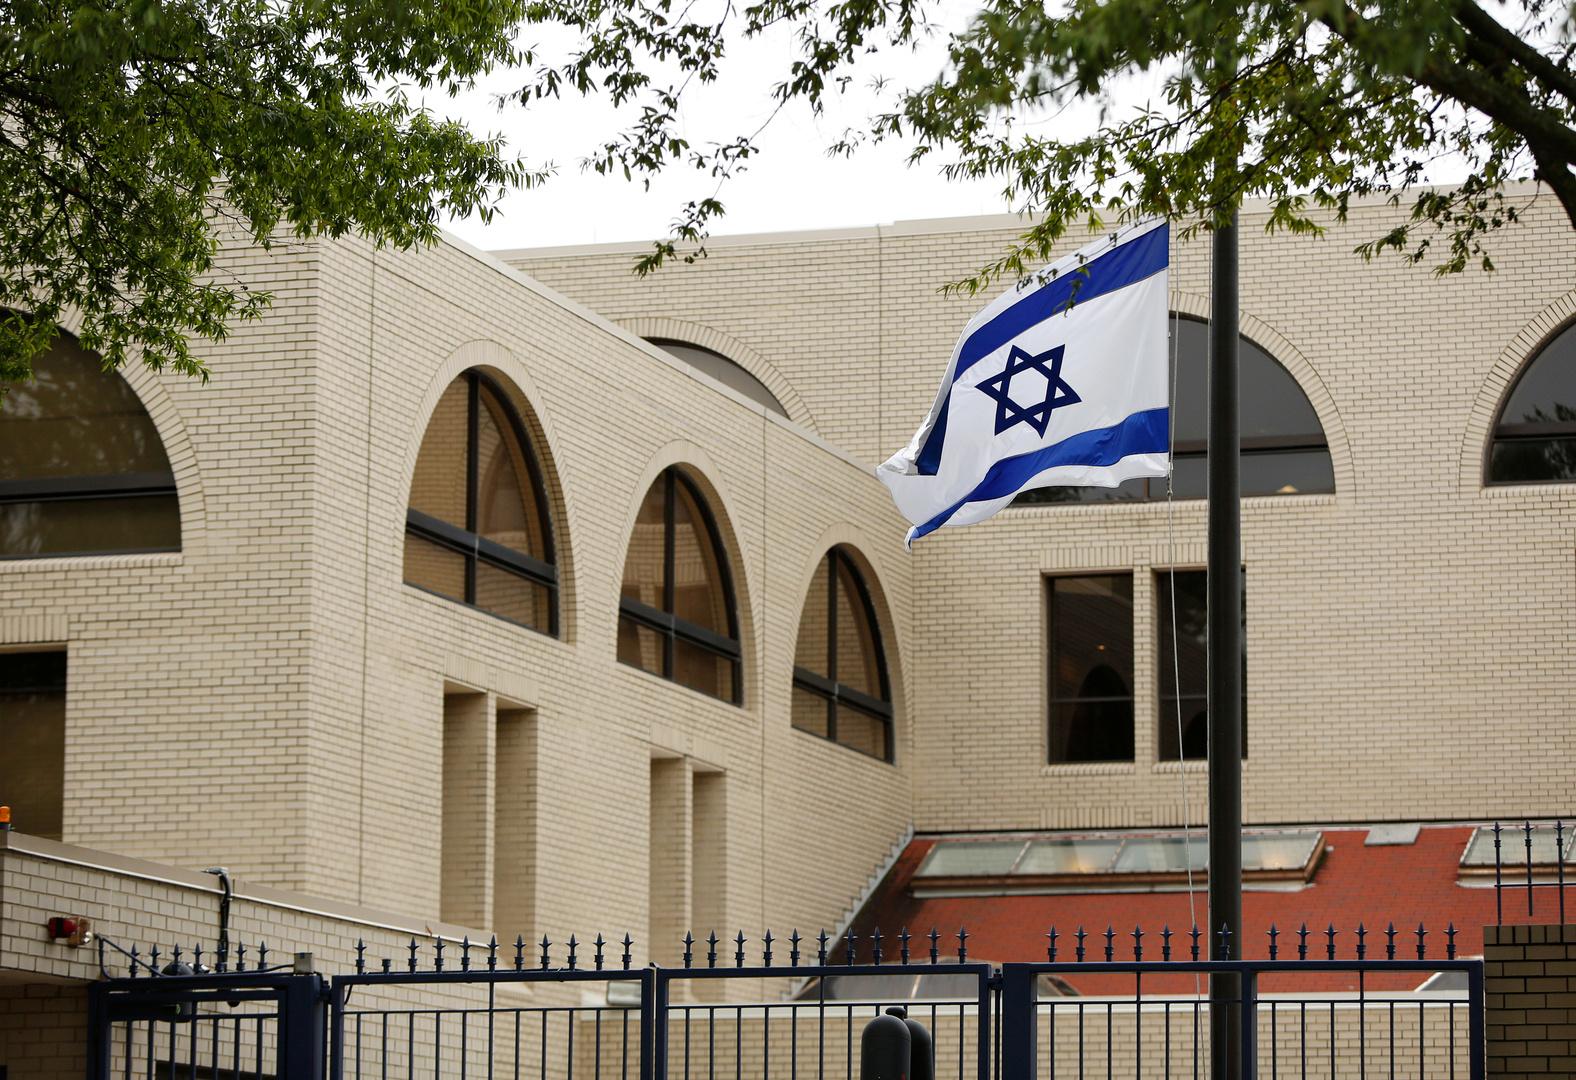 وسائل إعلام: سفارات إسرائيل في العالم على التأهب القصوى بعد اغتيال العالم الإيراني